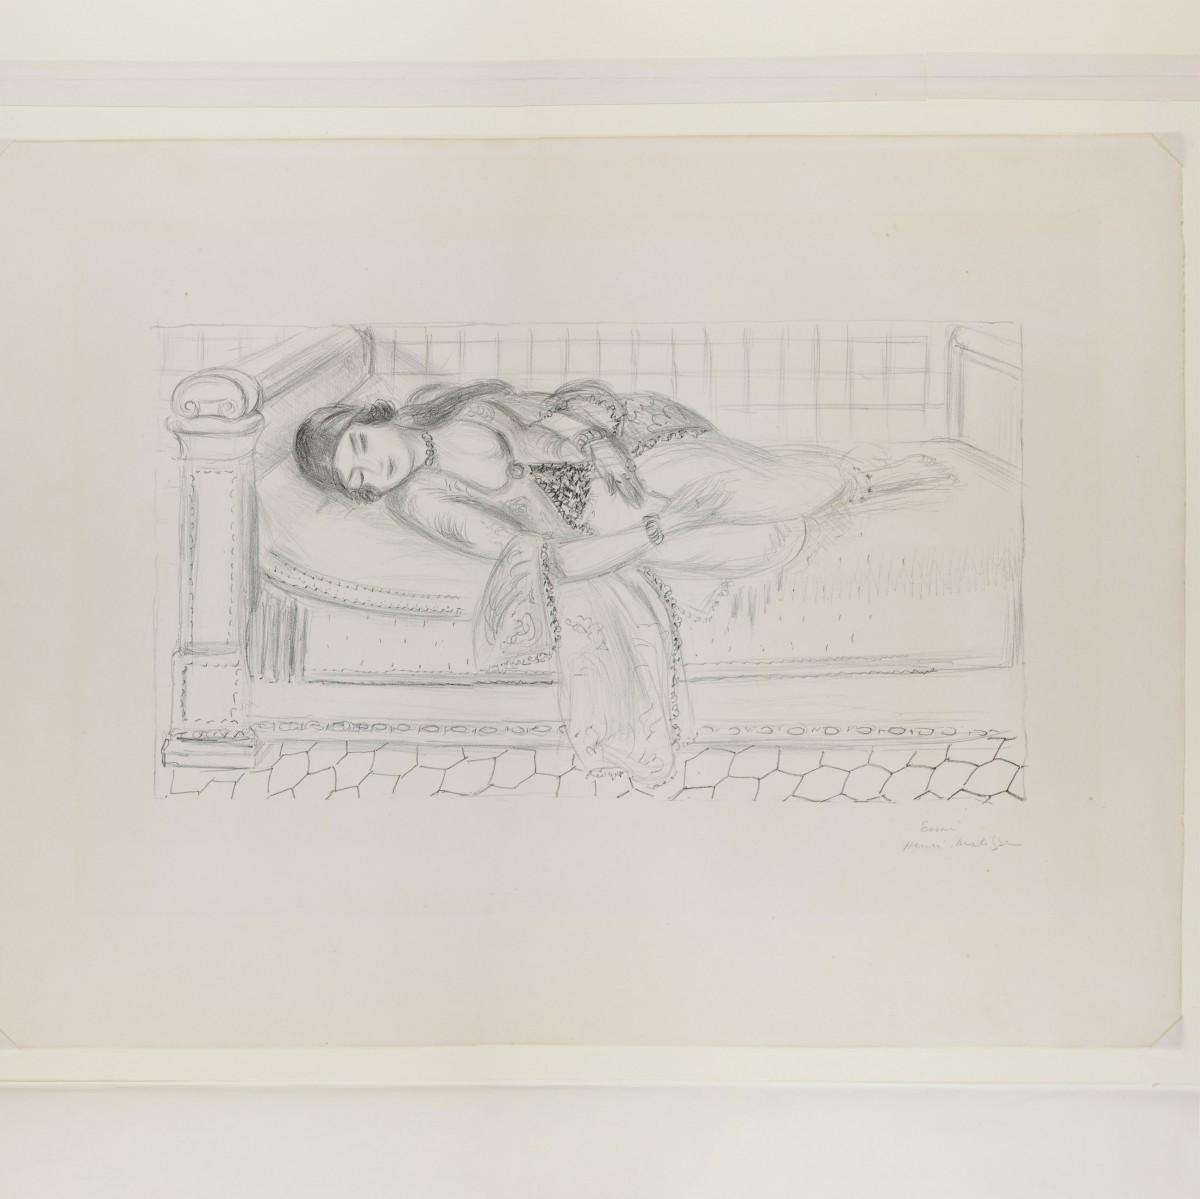 アンリ・マティス《眠るオダリスク》、リトグラフ、1929年、町田市立国際版画美術館蔵